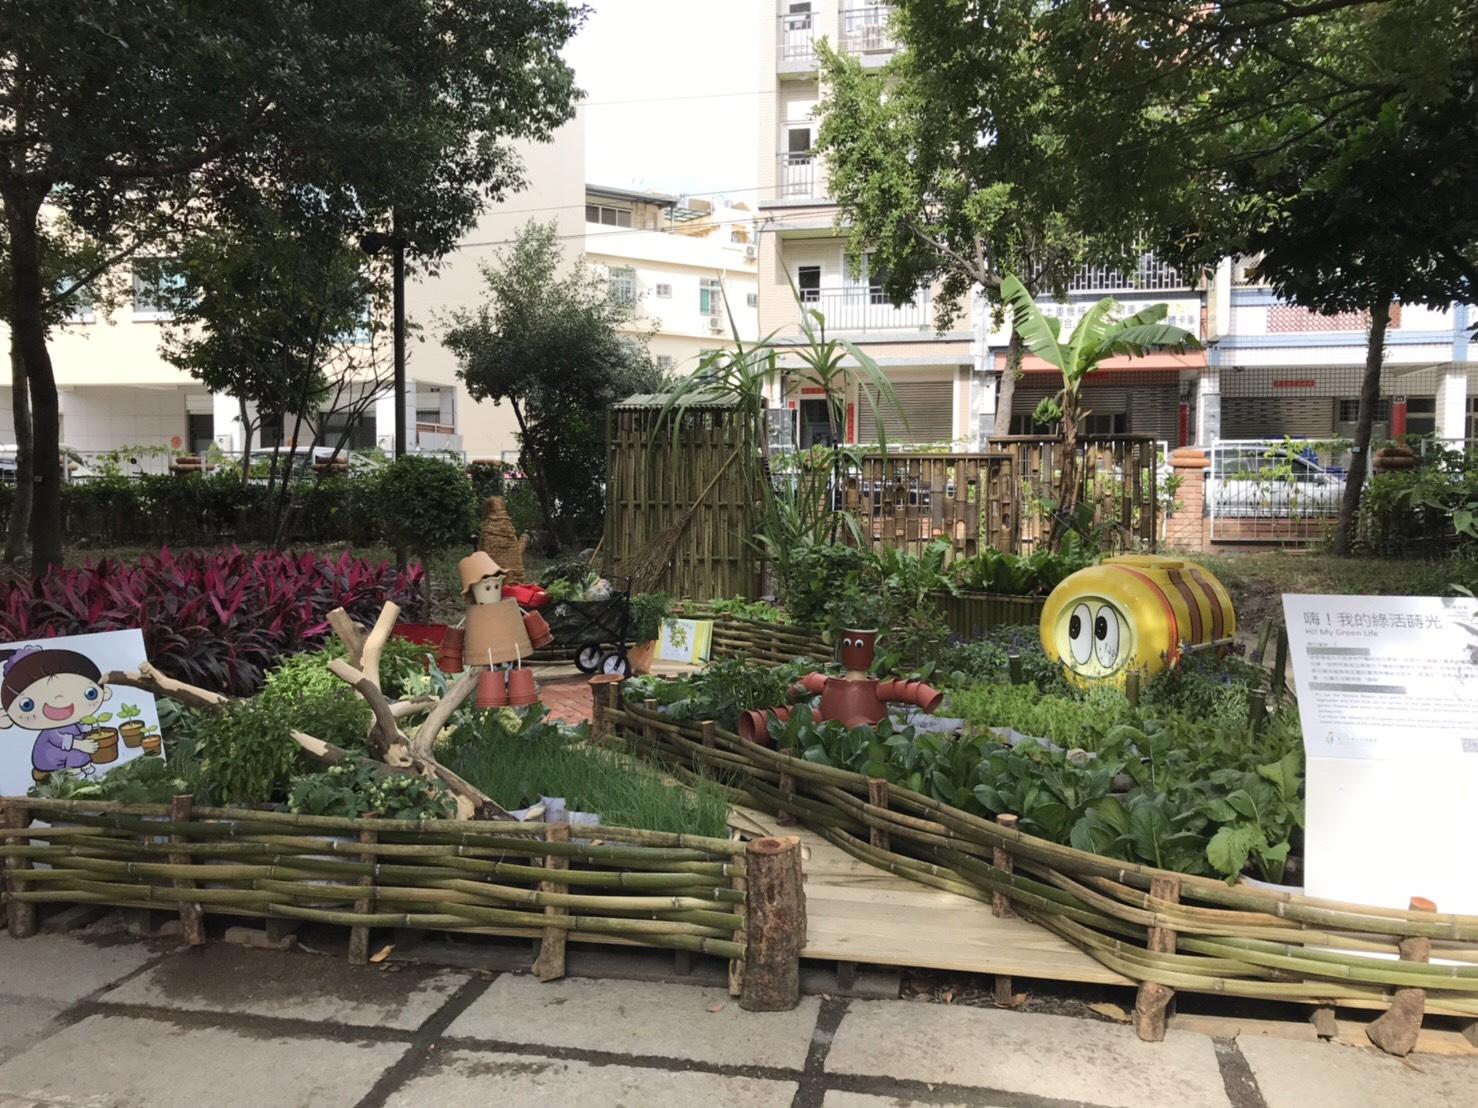 花博葫蘆墩園區「可食性庭園競賽」1/7換檔 「水景式庭園競賽」接續展出